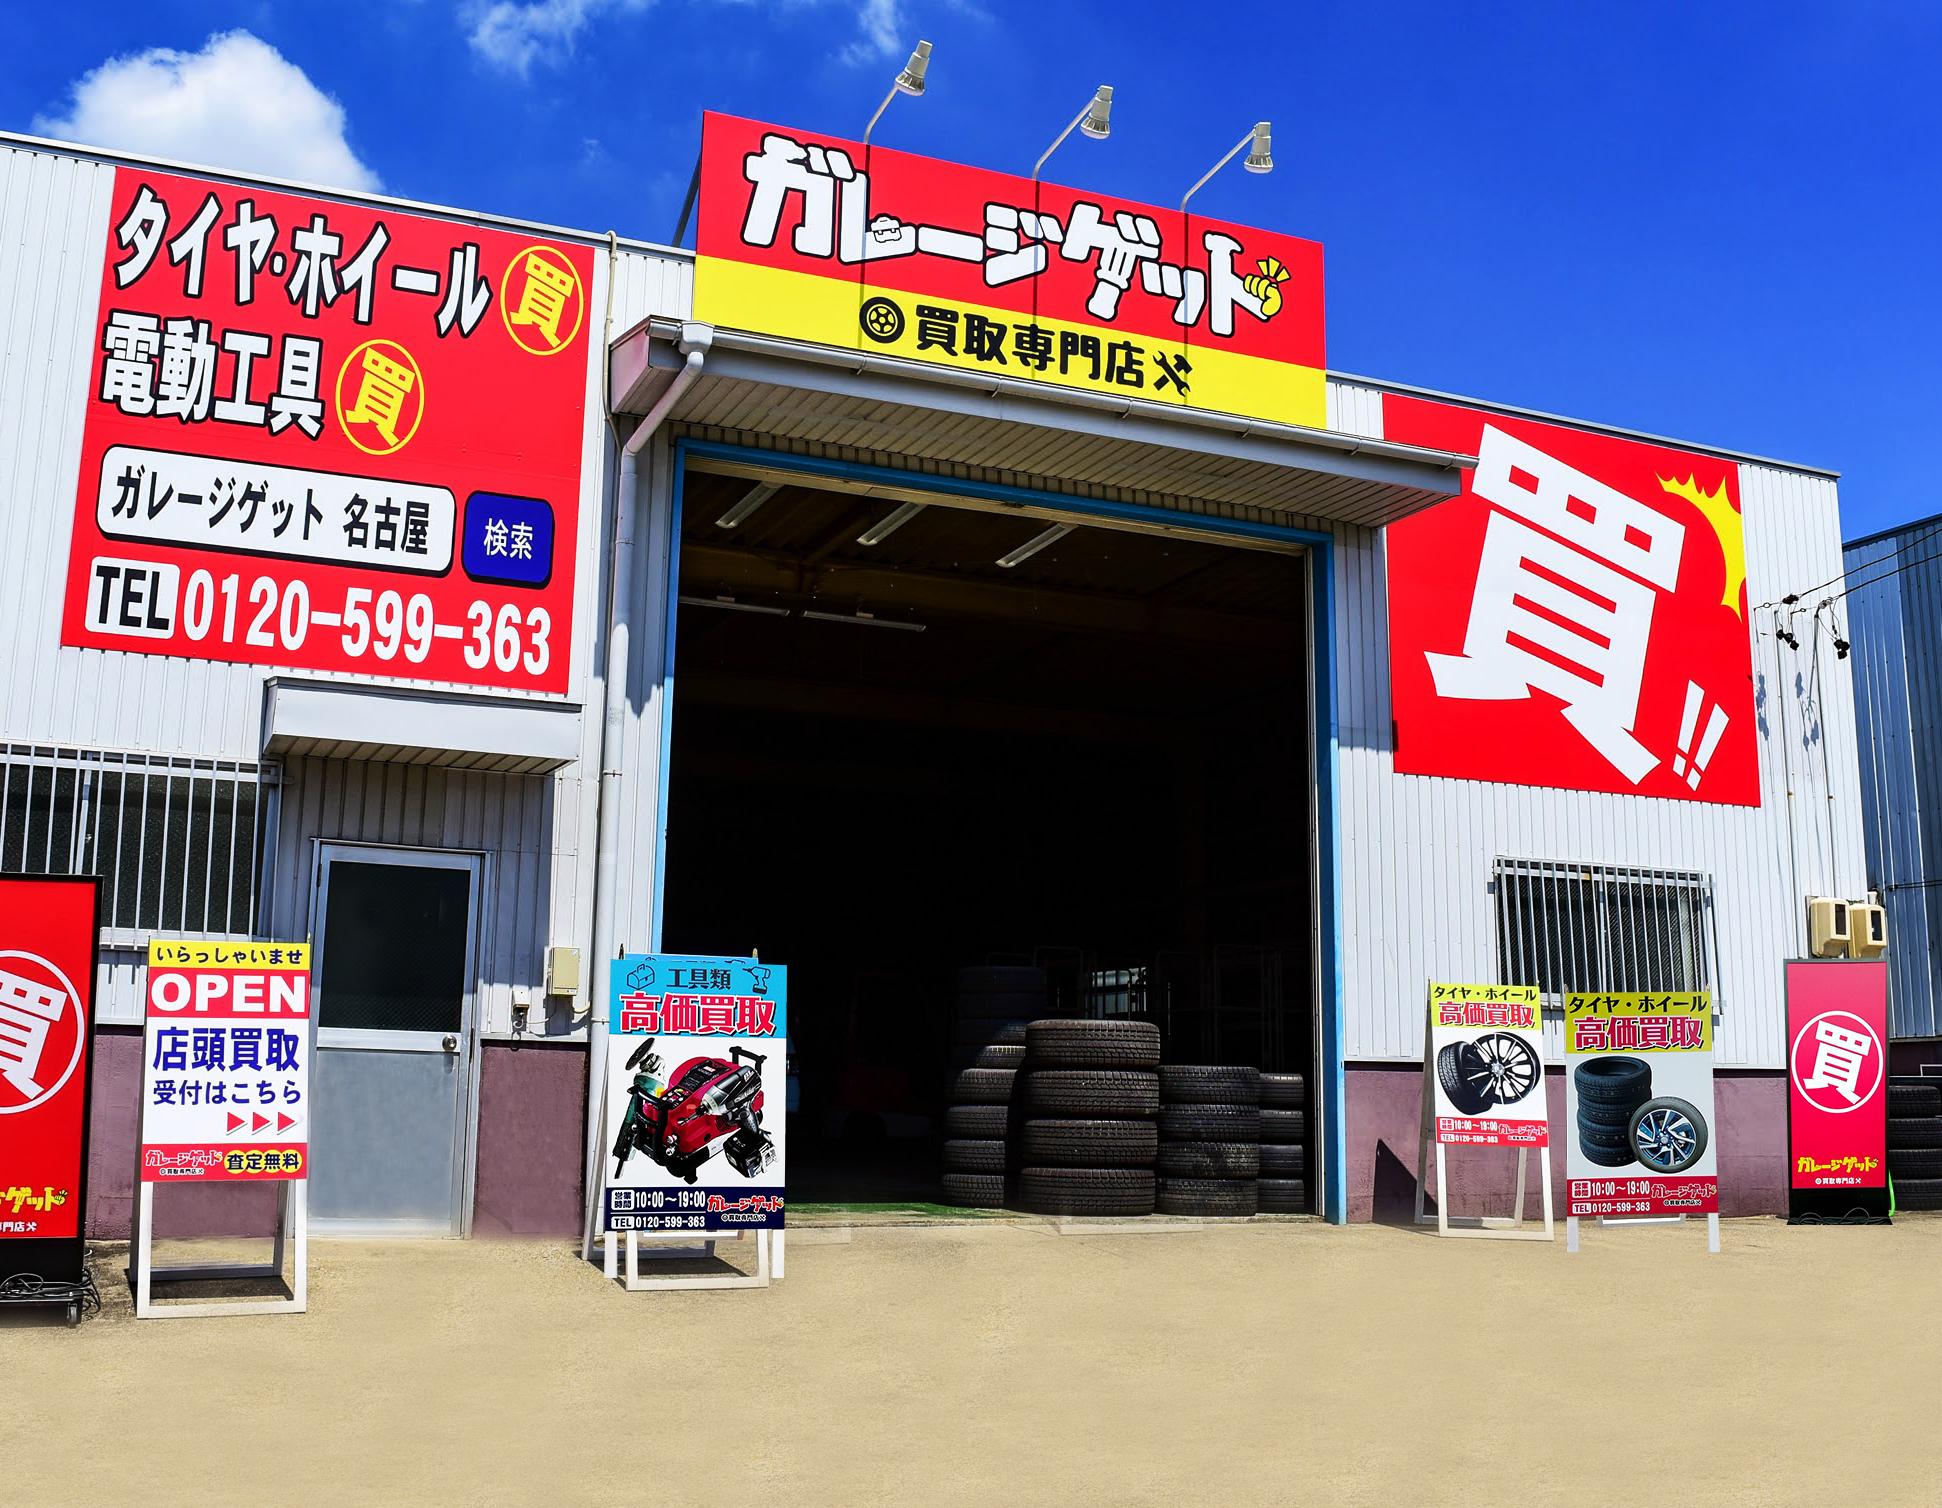 電動工具買取 ガレージゲット 名古屋緑店